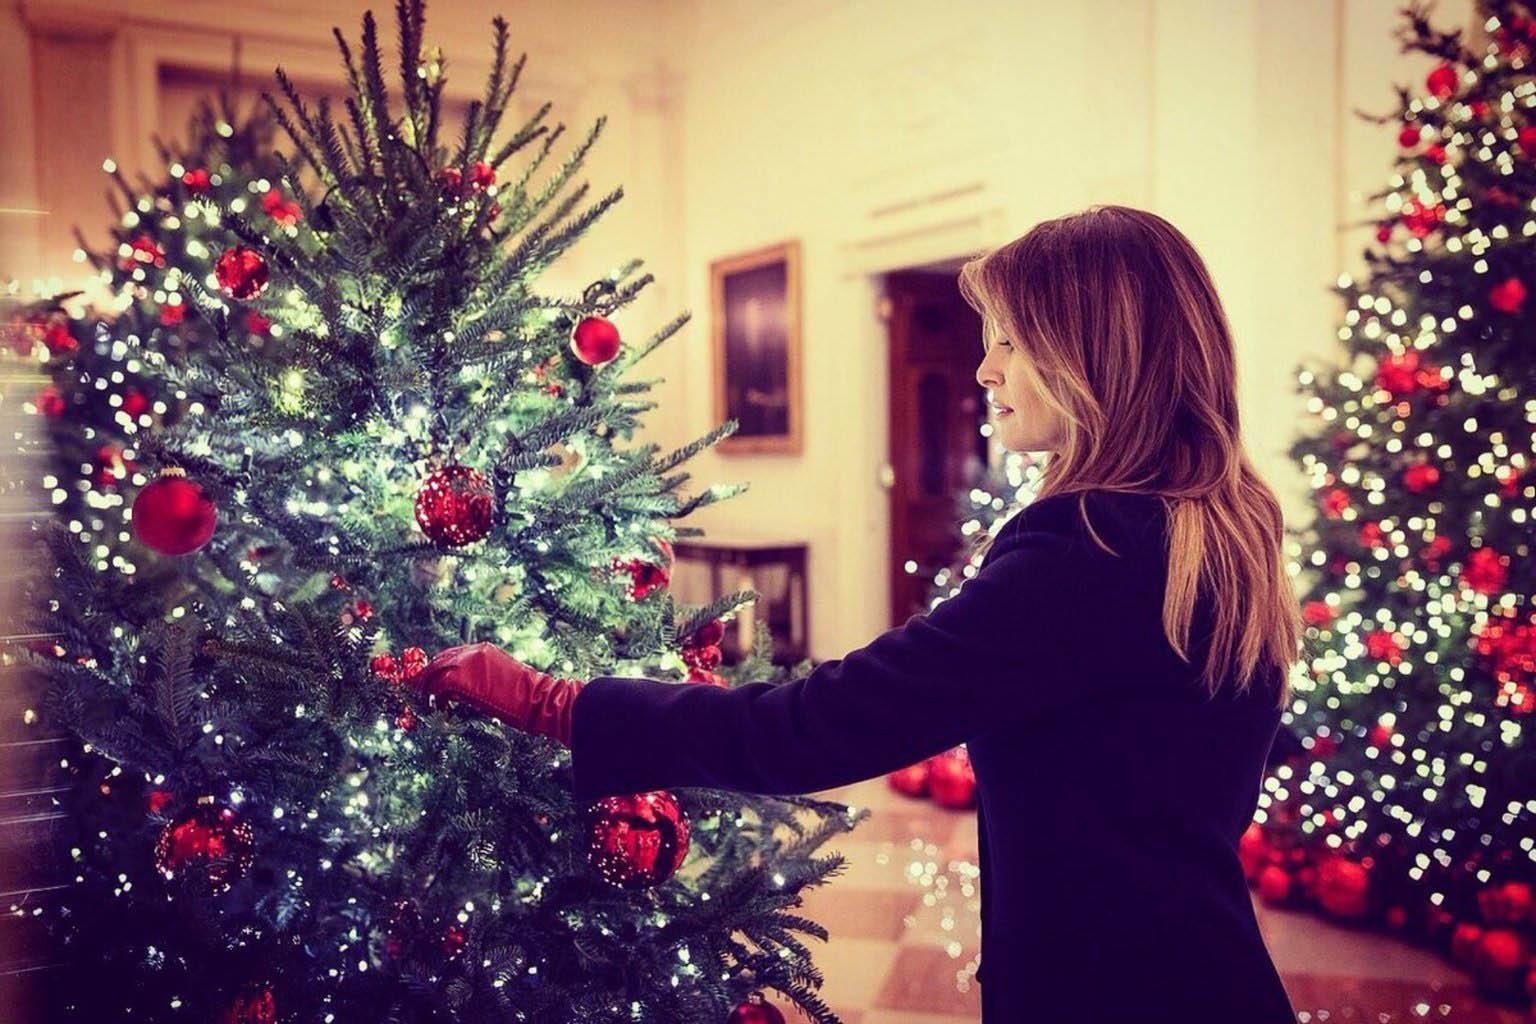 멜리니아 트럼프가 25일(현지사간) 백악관 이스트룸에서 크리스마스 장식을 살피고 있다. [사진 백악관 트위터]